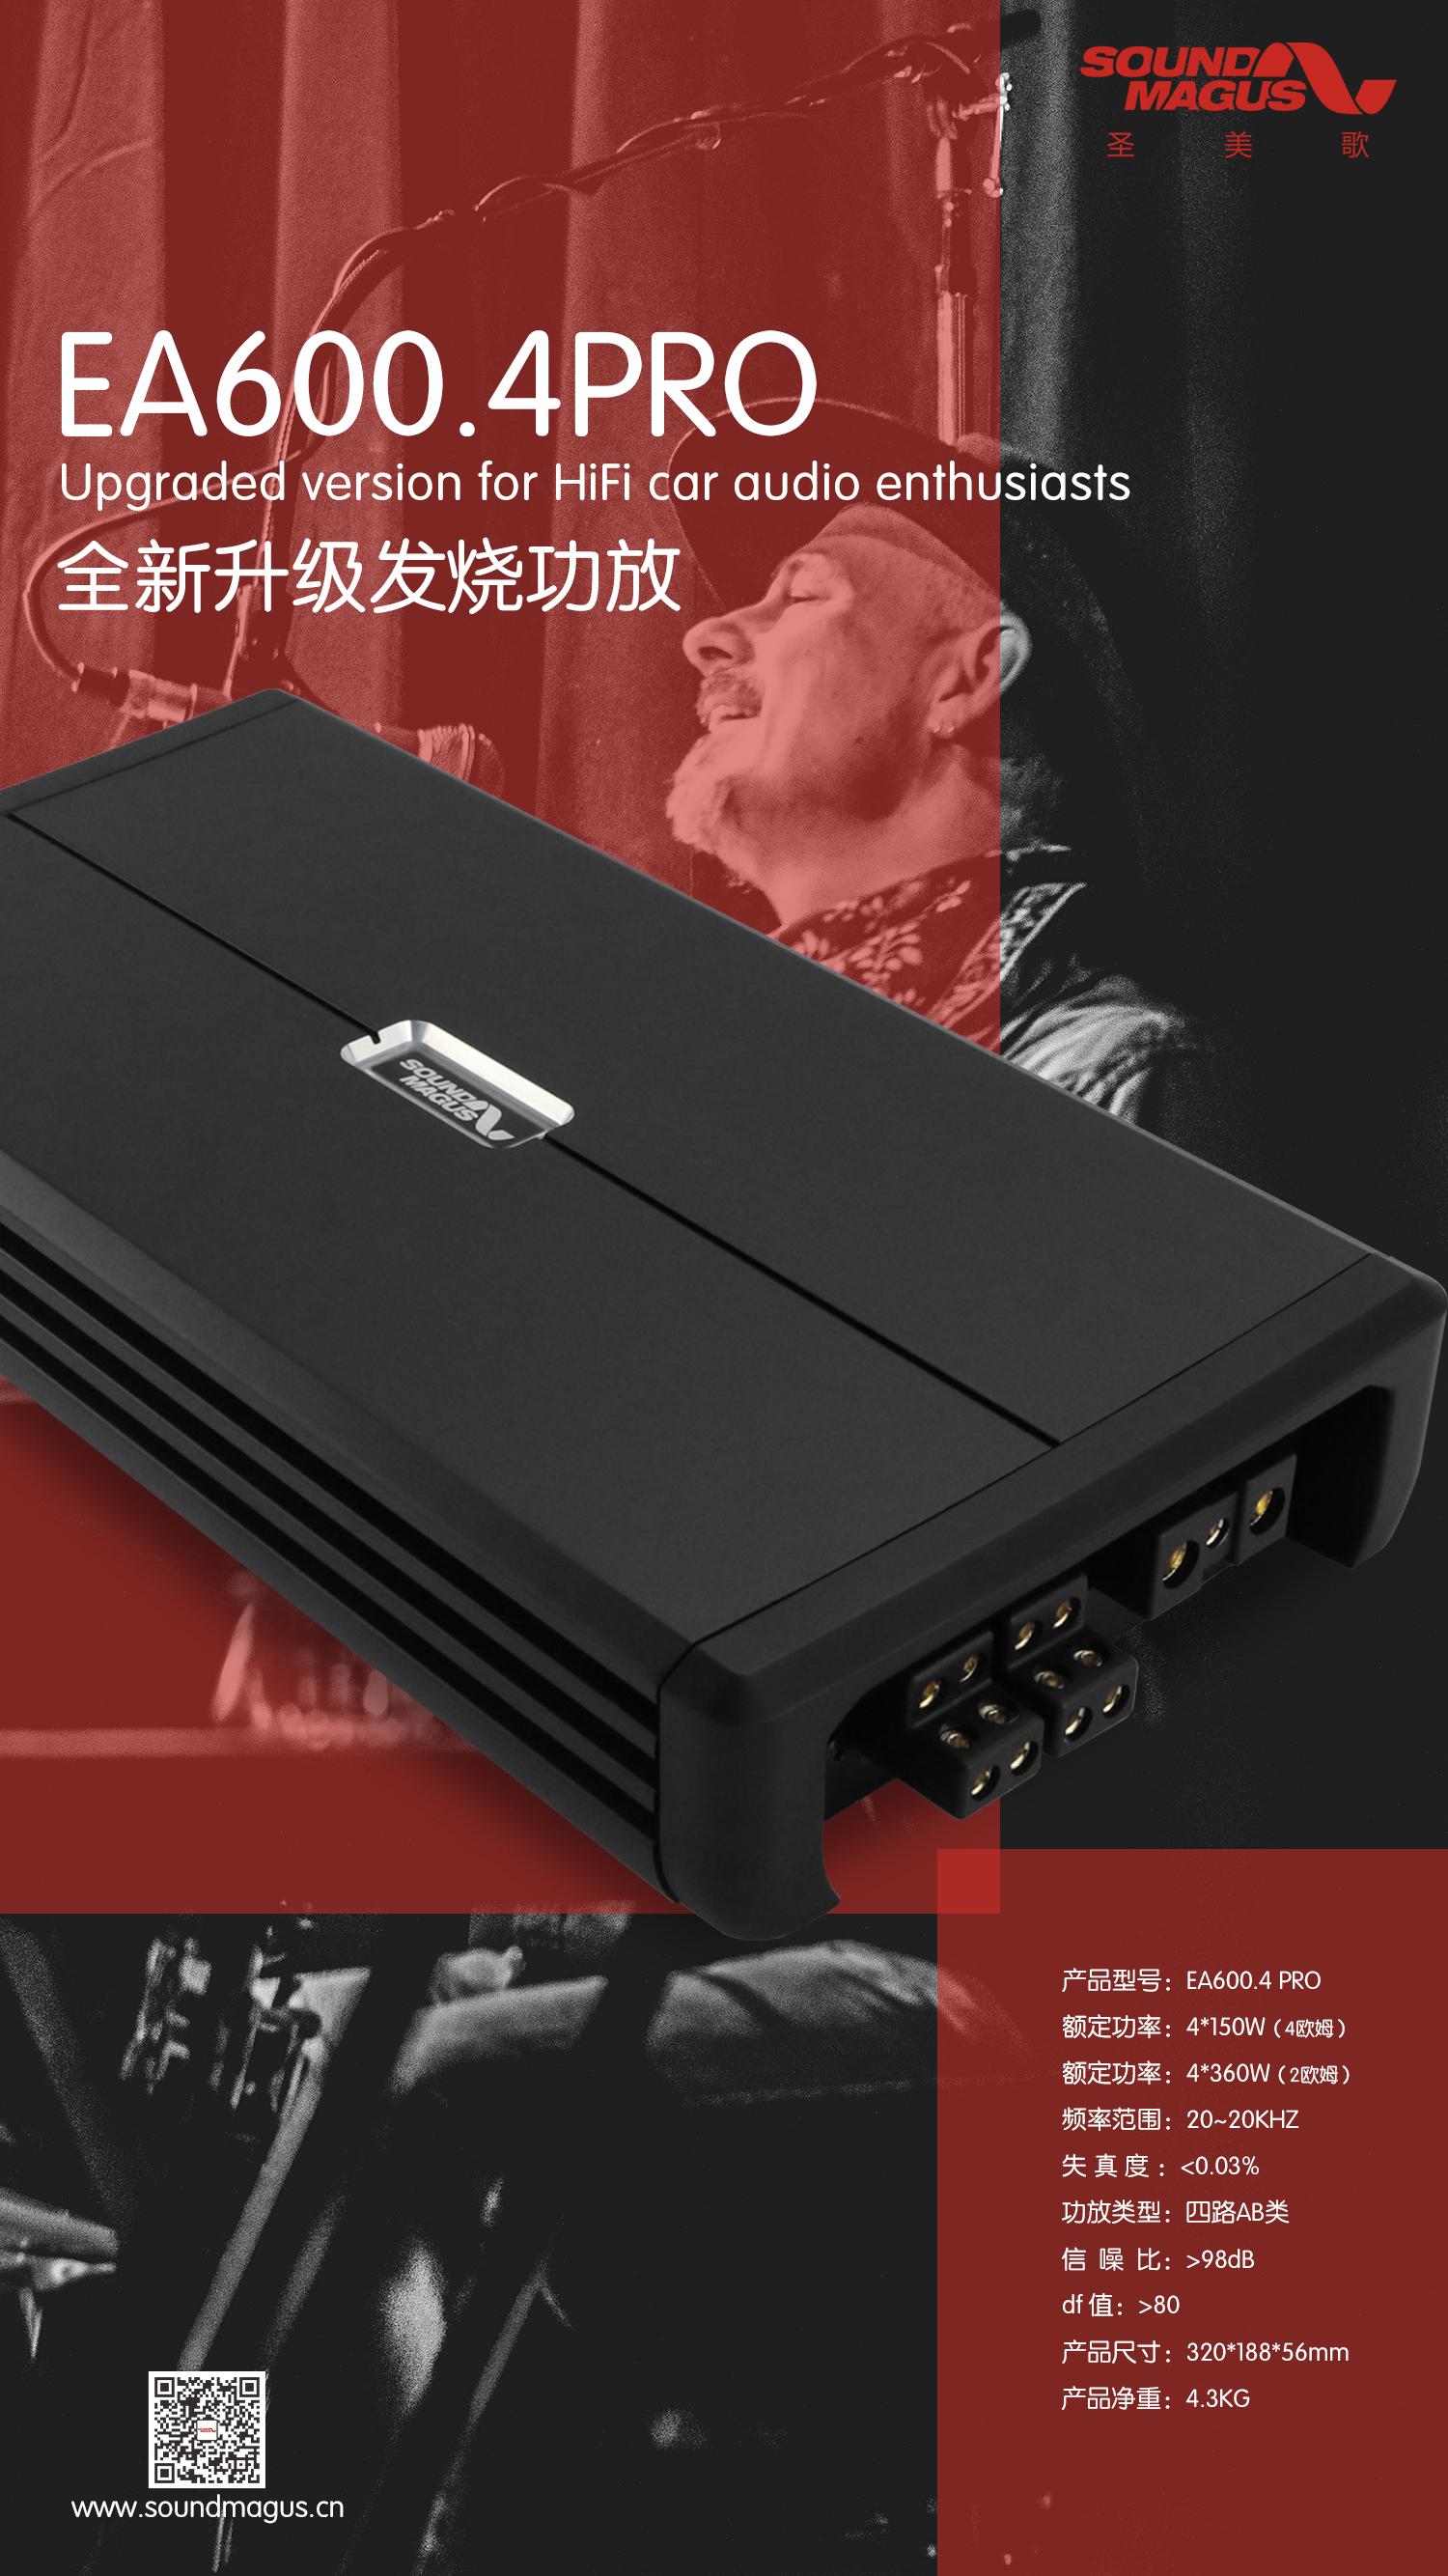 EA600.4PRO